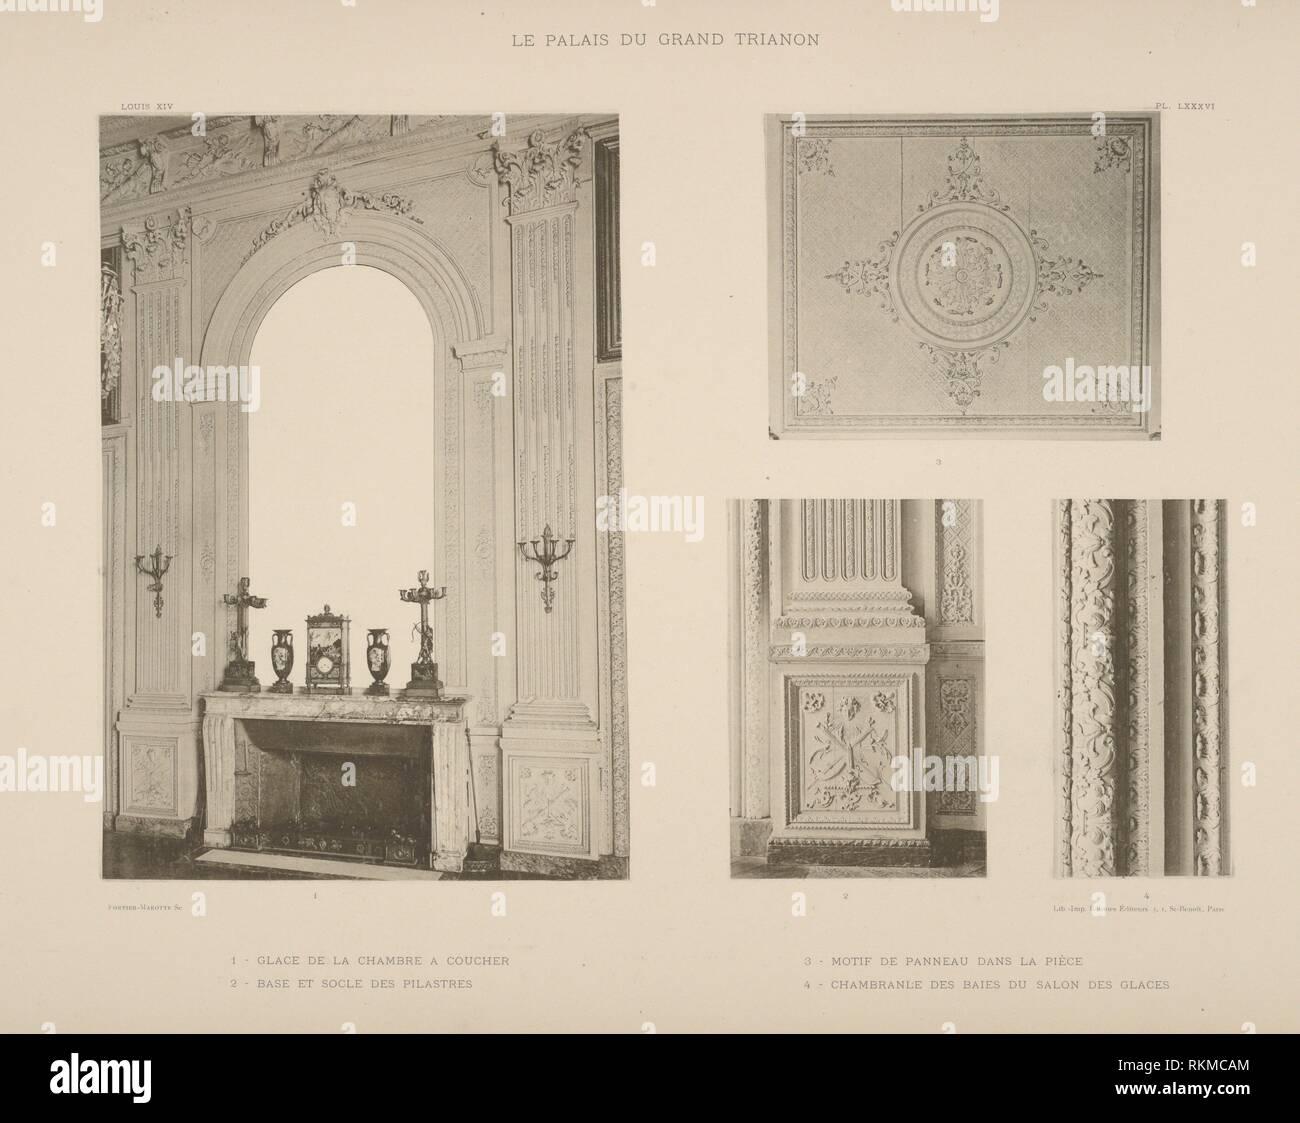 1 - Glace de la Chambre a coucher; 2-base et Sockel des pilastres; 3 ...